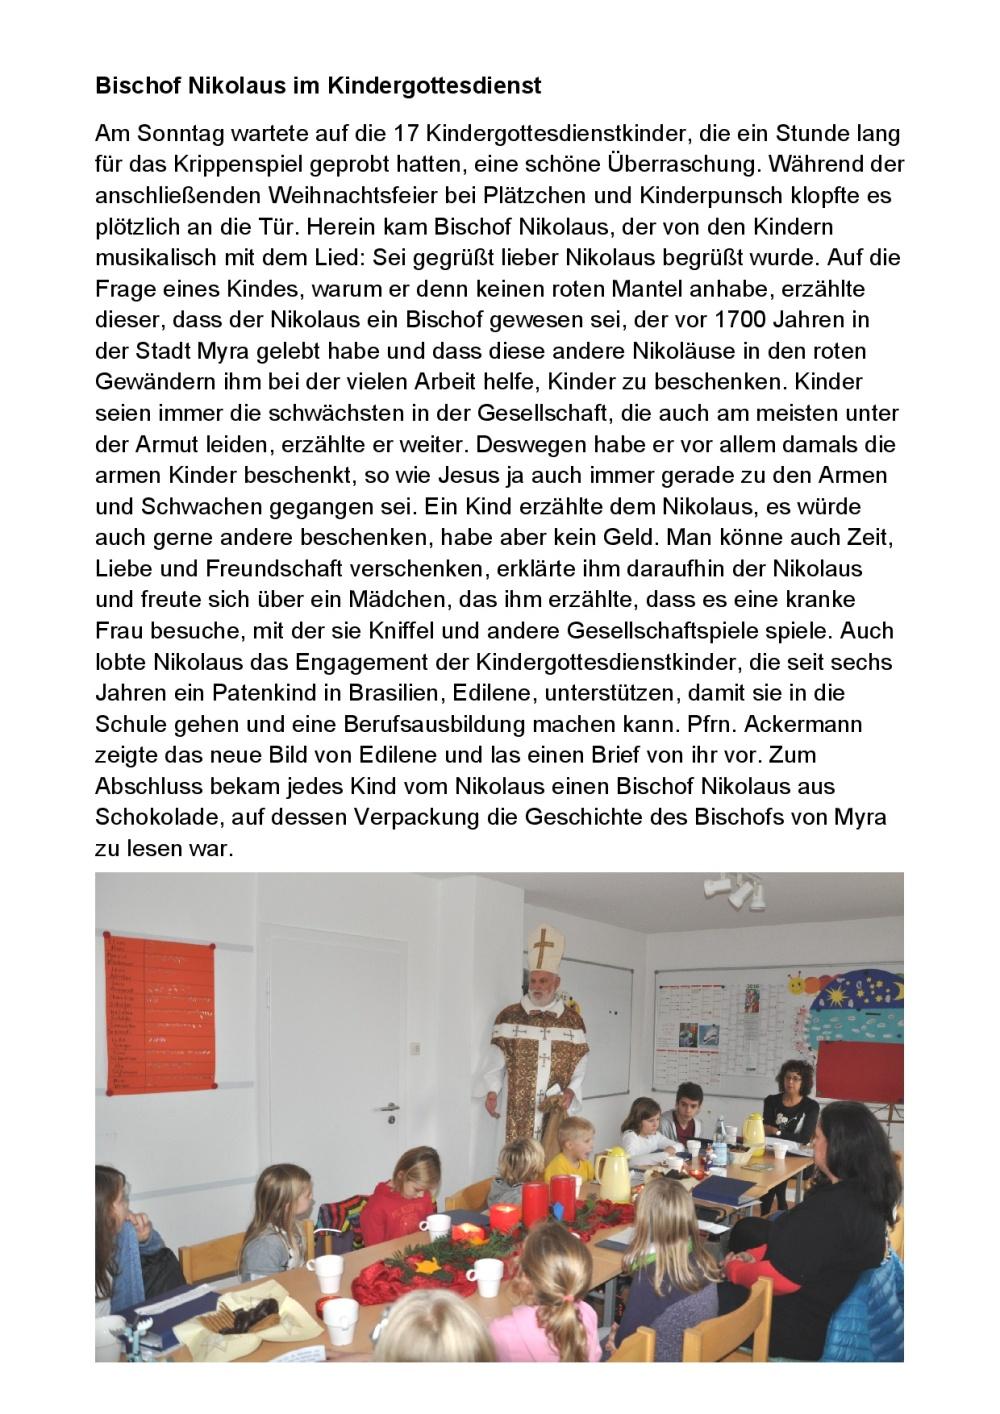 2015-12-06 Nikolaus im Kindergottesdienst-001